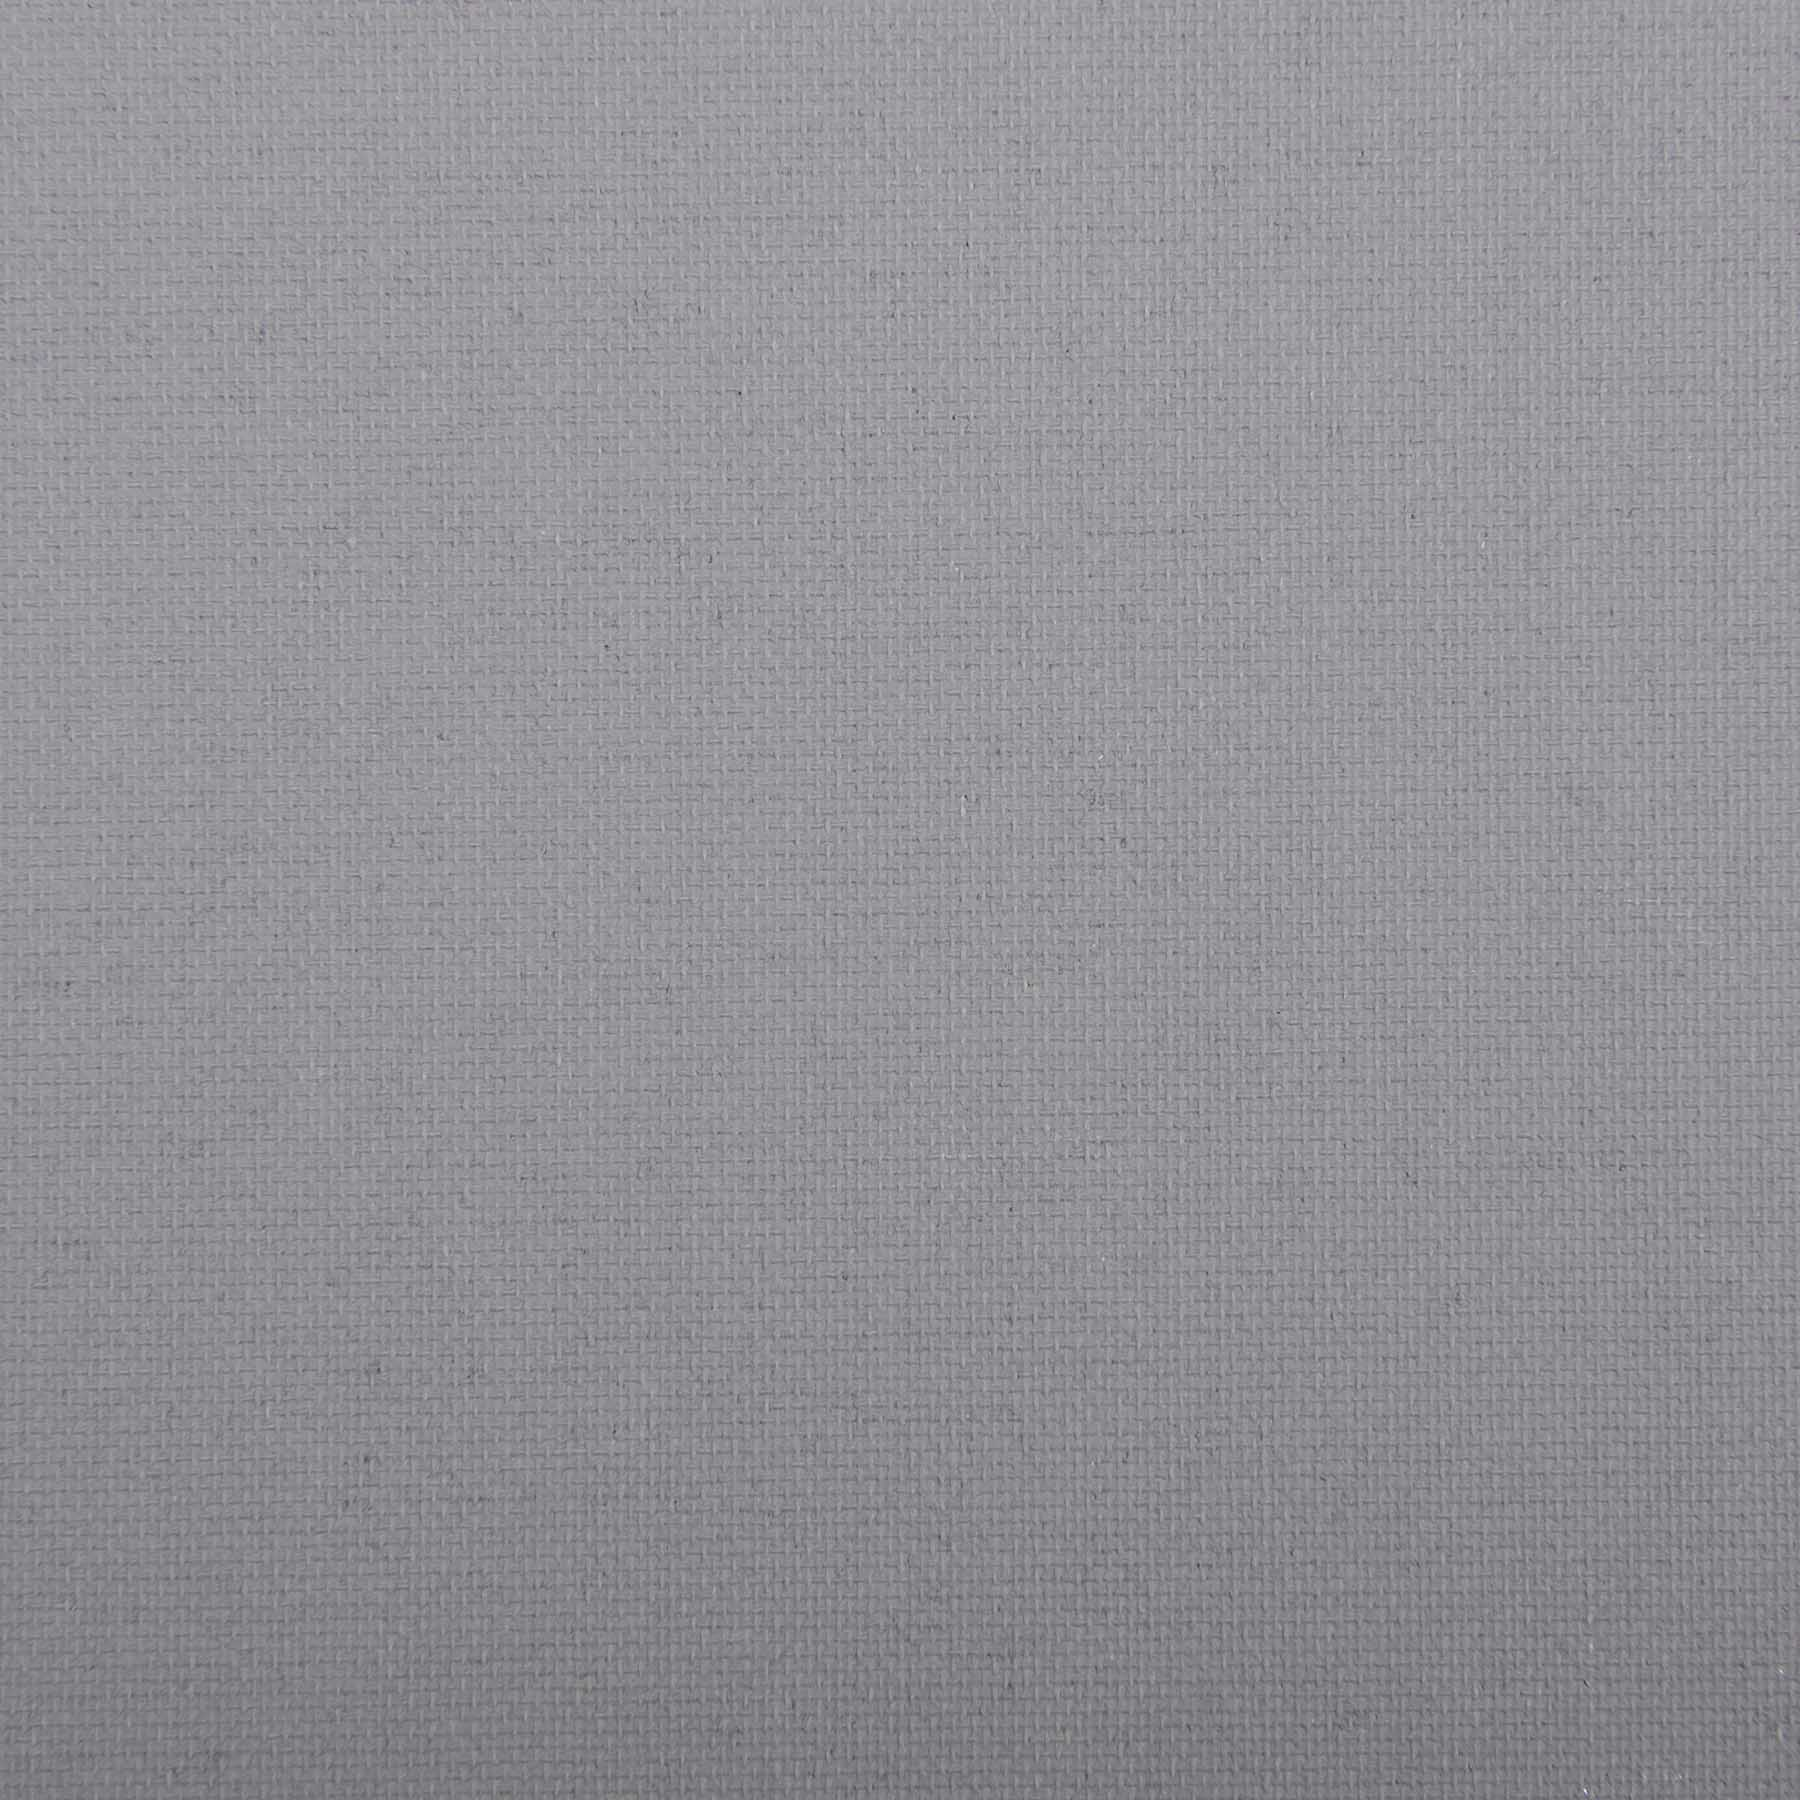 8031 - Semi-transparant